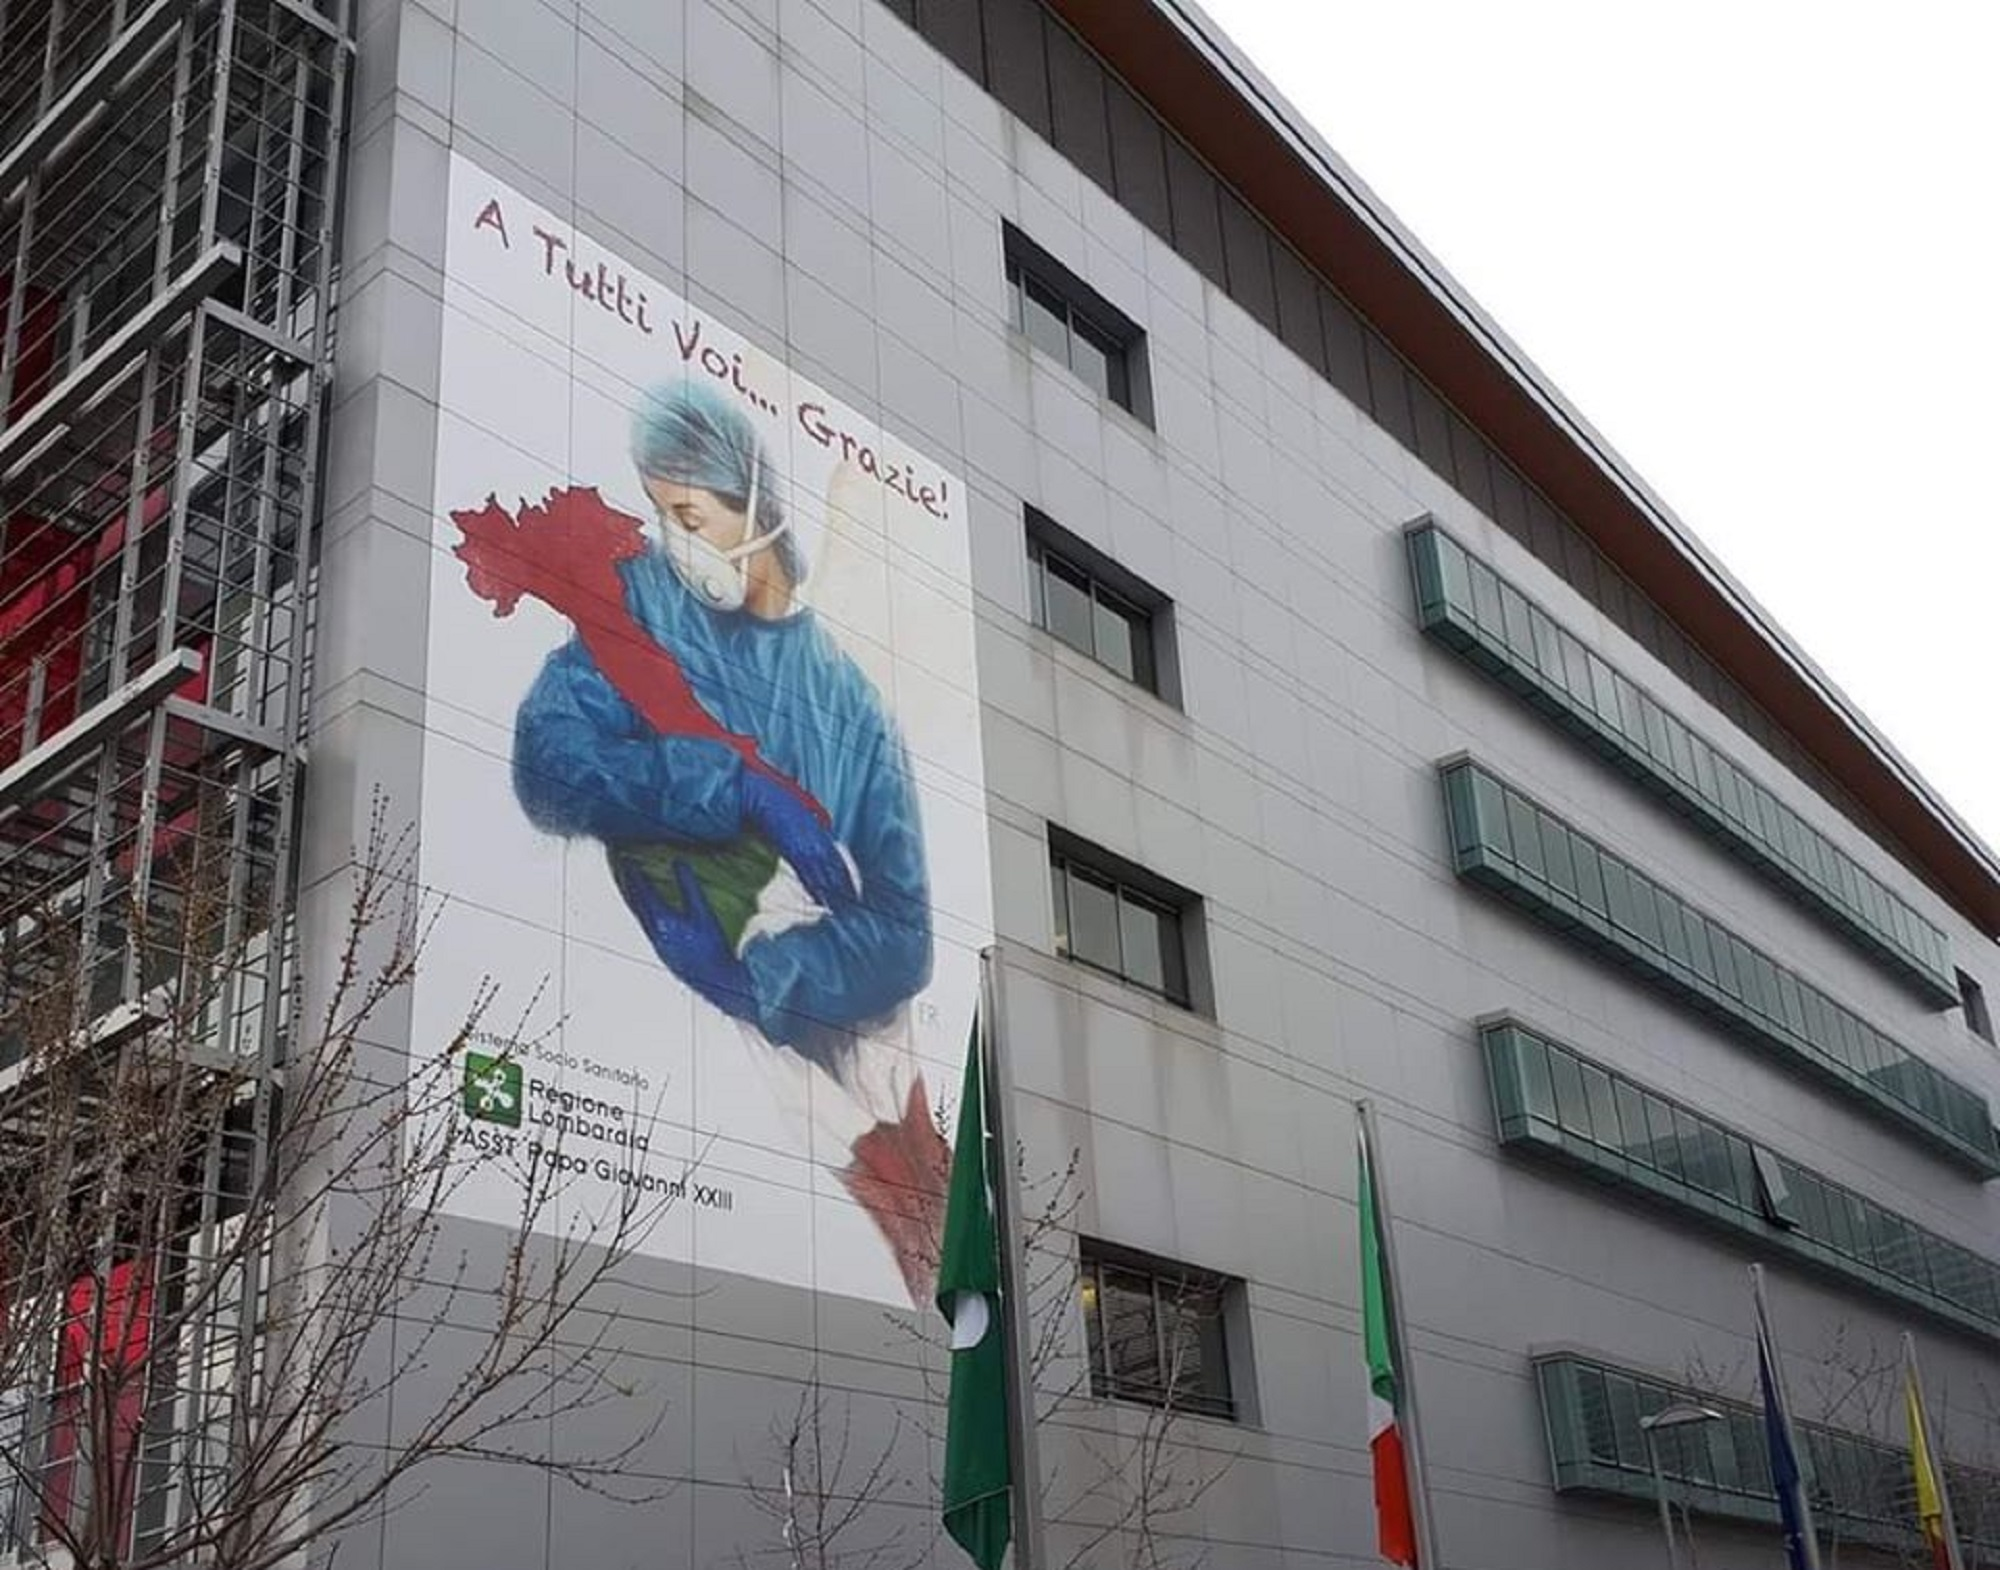 Grazie! A Bergamo un murale ringrazia il personale sanitario in trincea contro il Covid 19